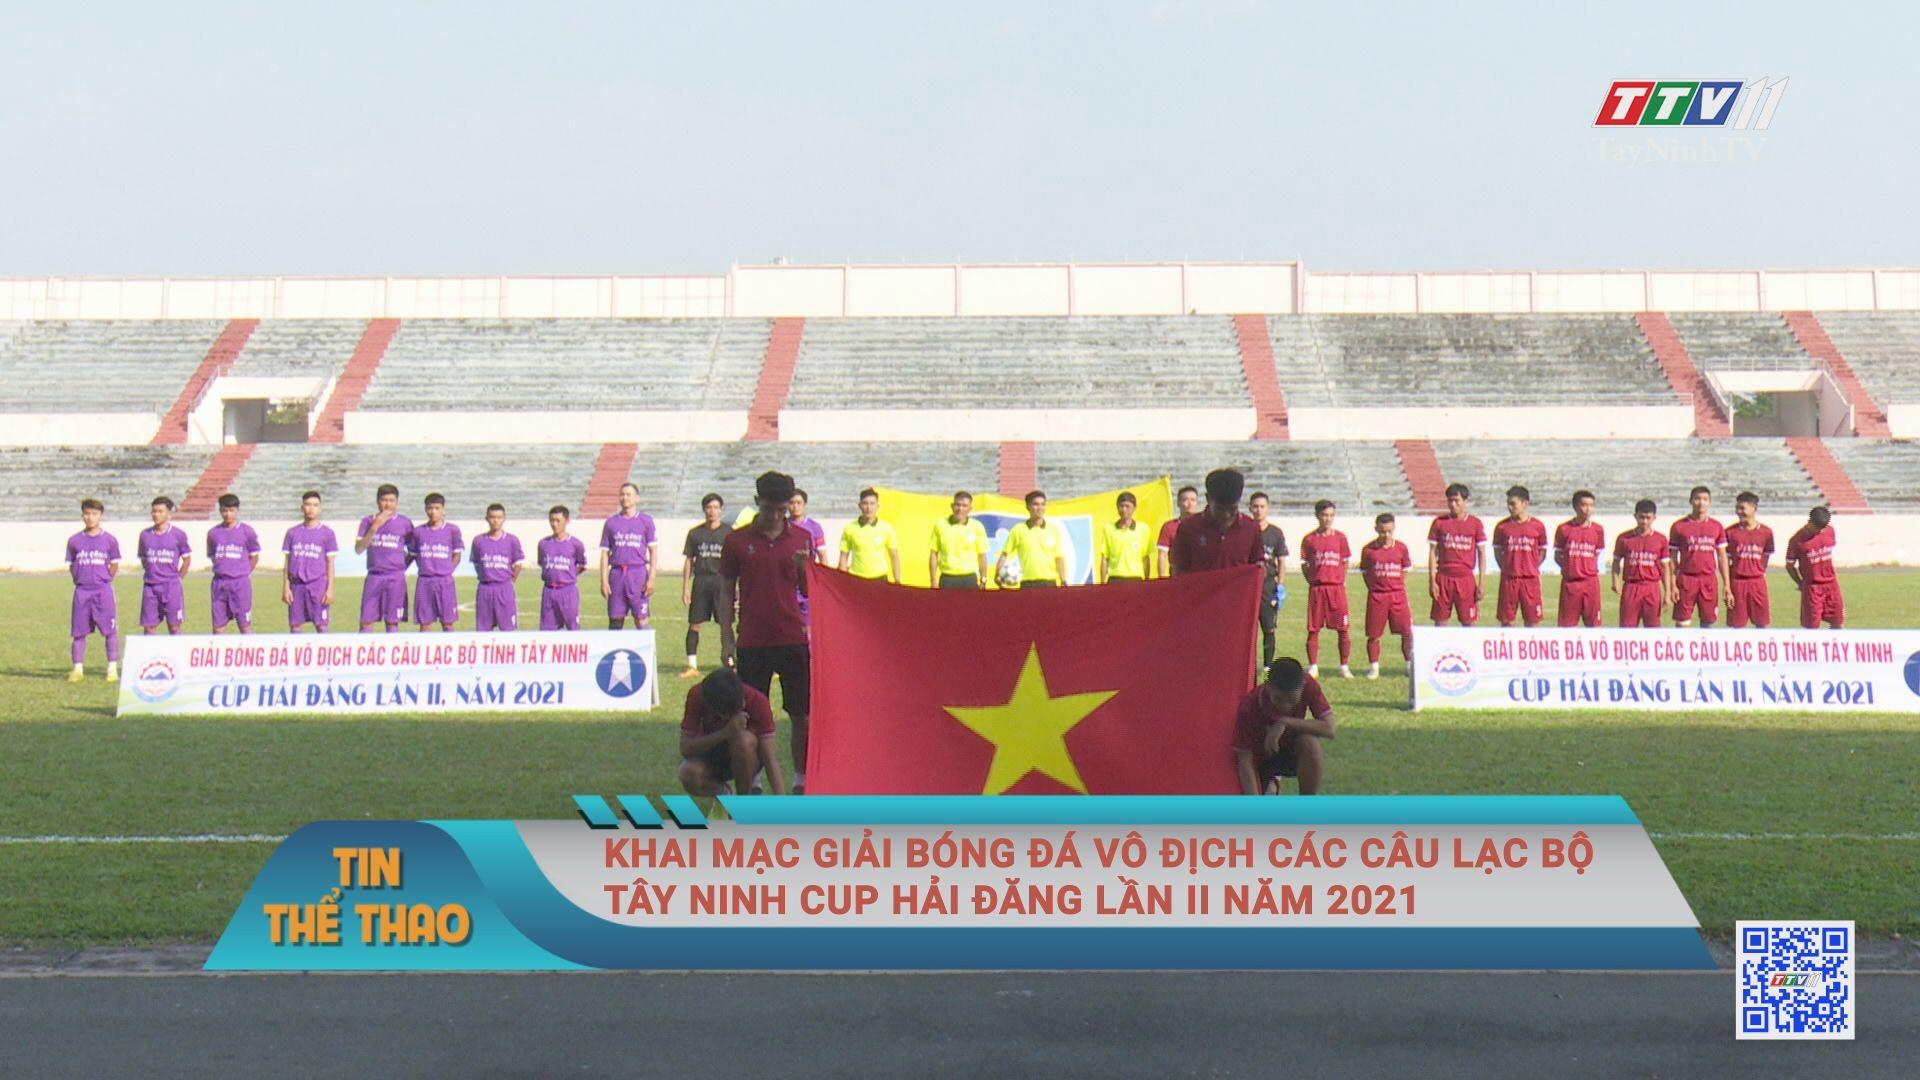 Khai mạc giải bóng đá vô địch các câu lạc bộ Tây Ninh cup Hải Đăng lần II năm 2021 | BẢN TIN THỂ THAO | TayNinhTVE